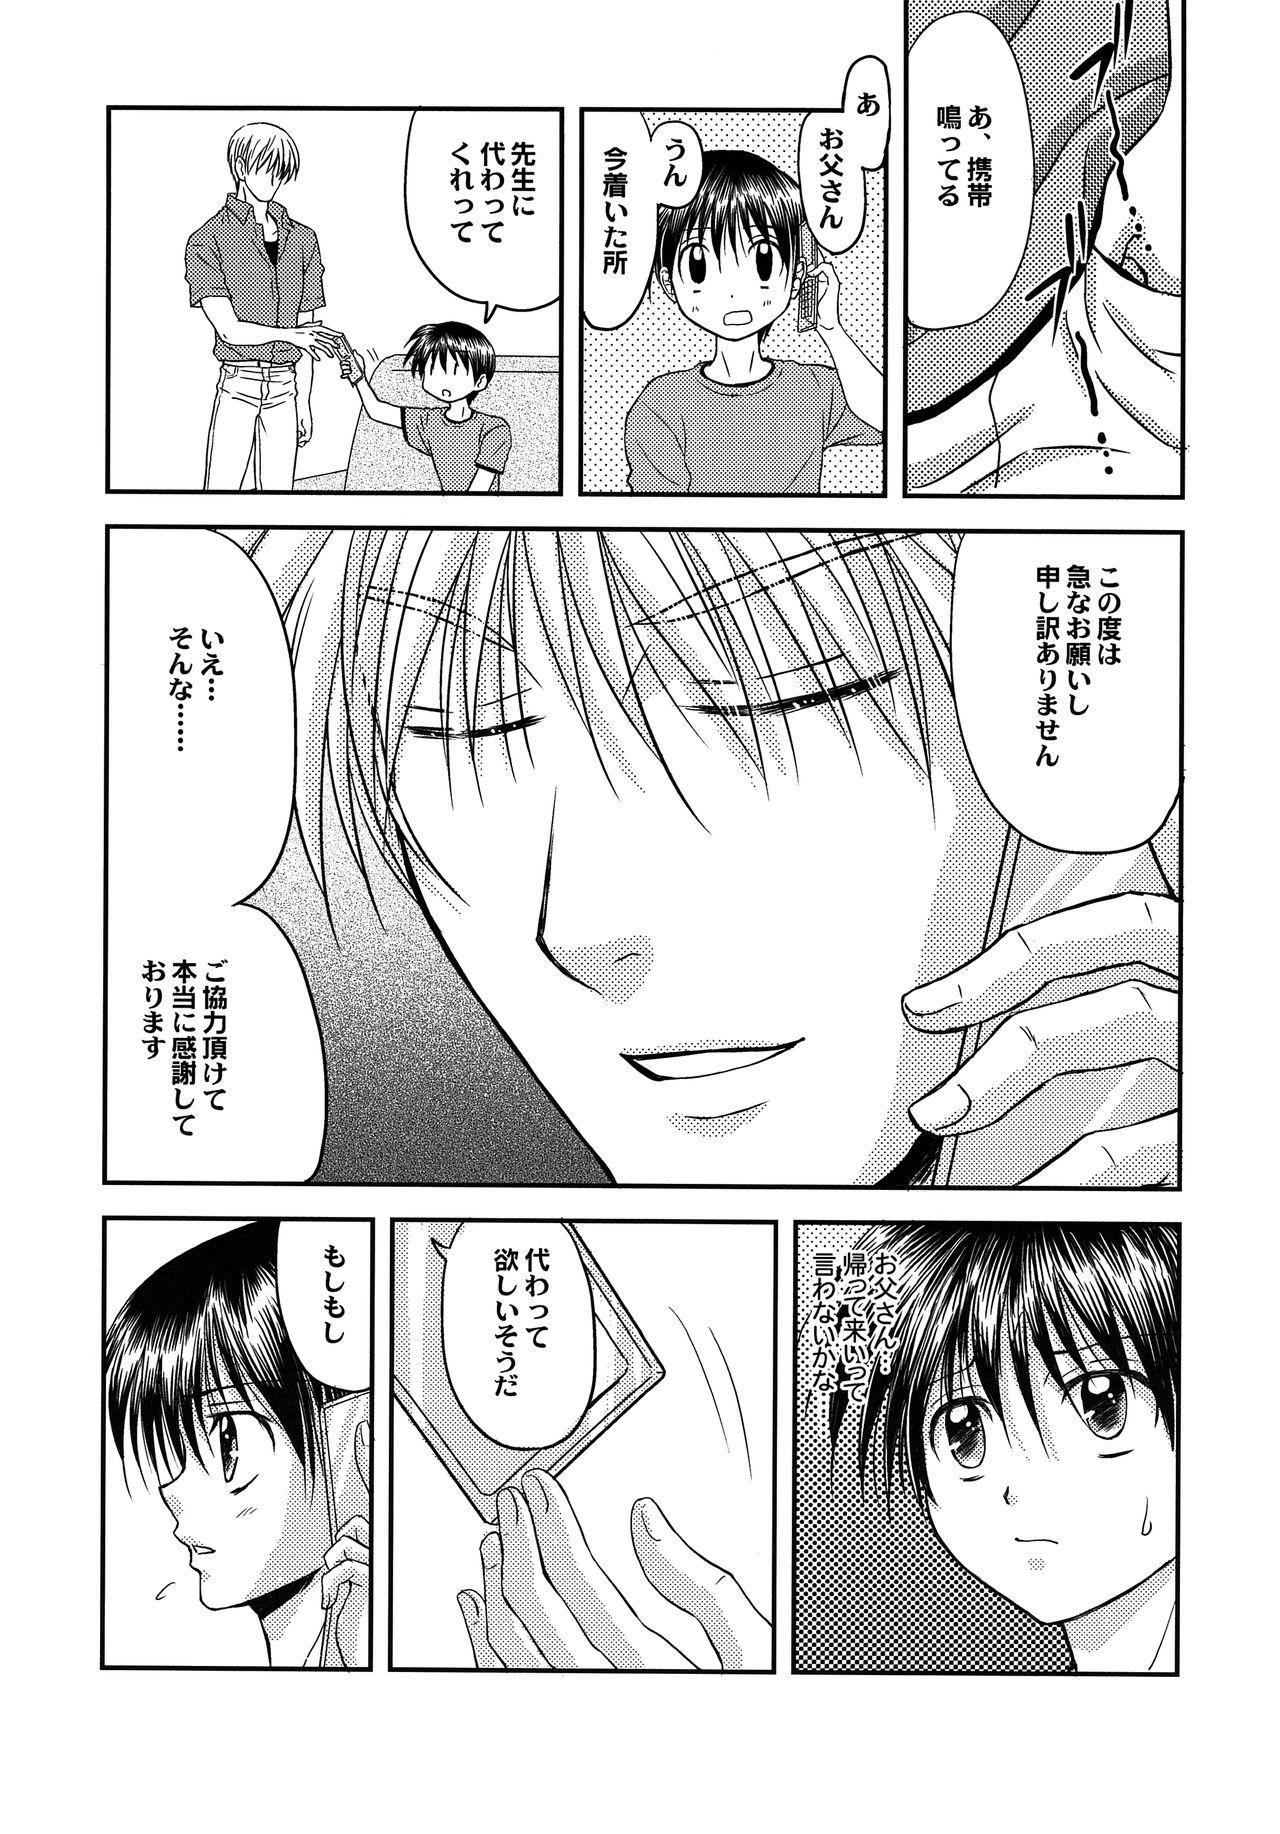 Bishounen Kinbaku Nisshi 13 7